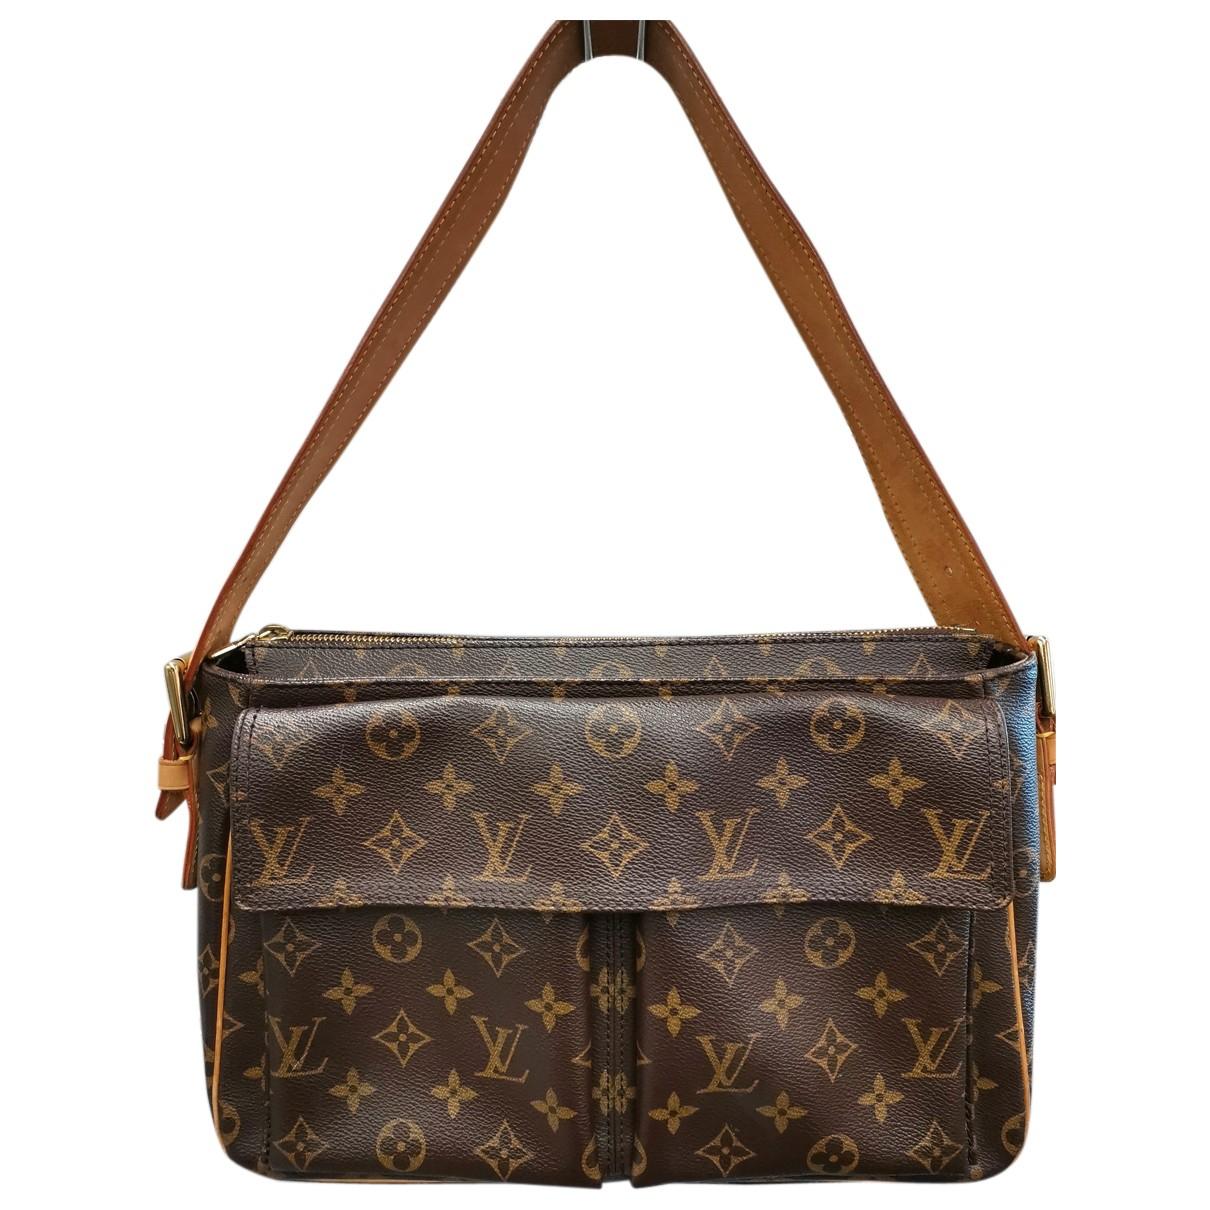 Bolso  Viva Cite de Lona Louis Vuitton